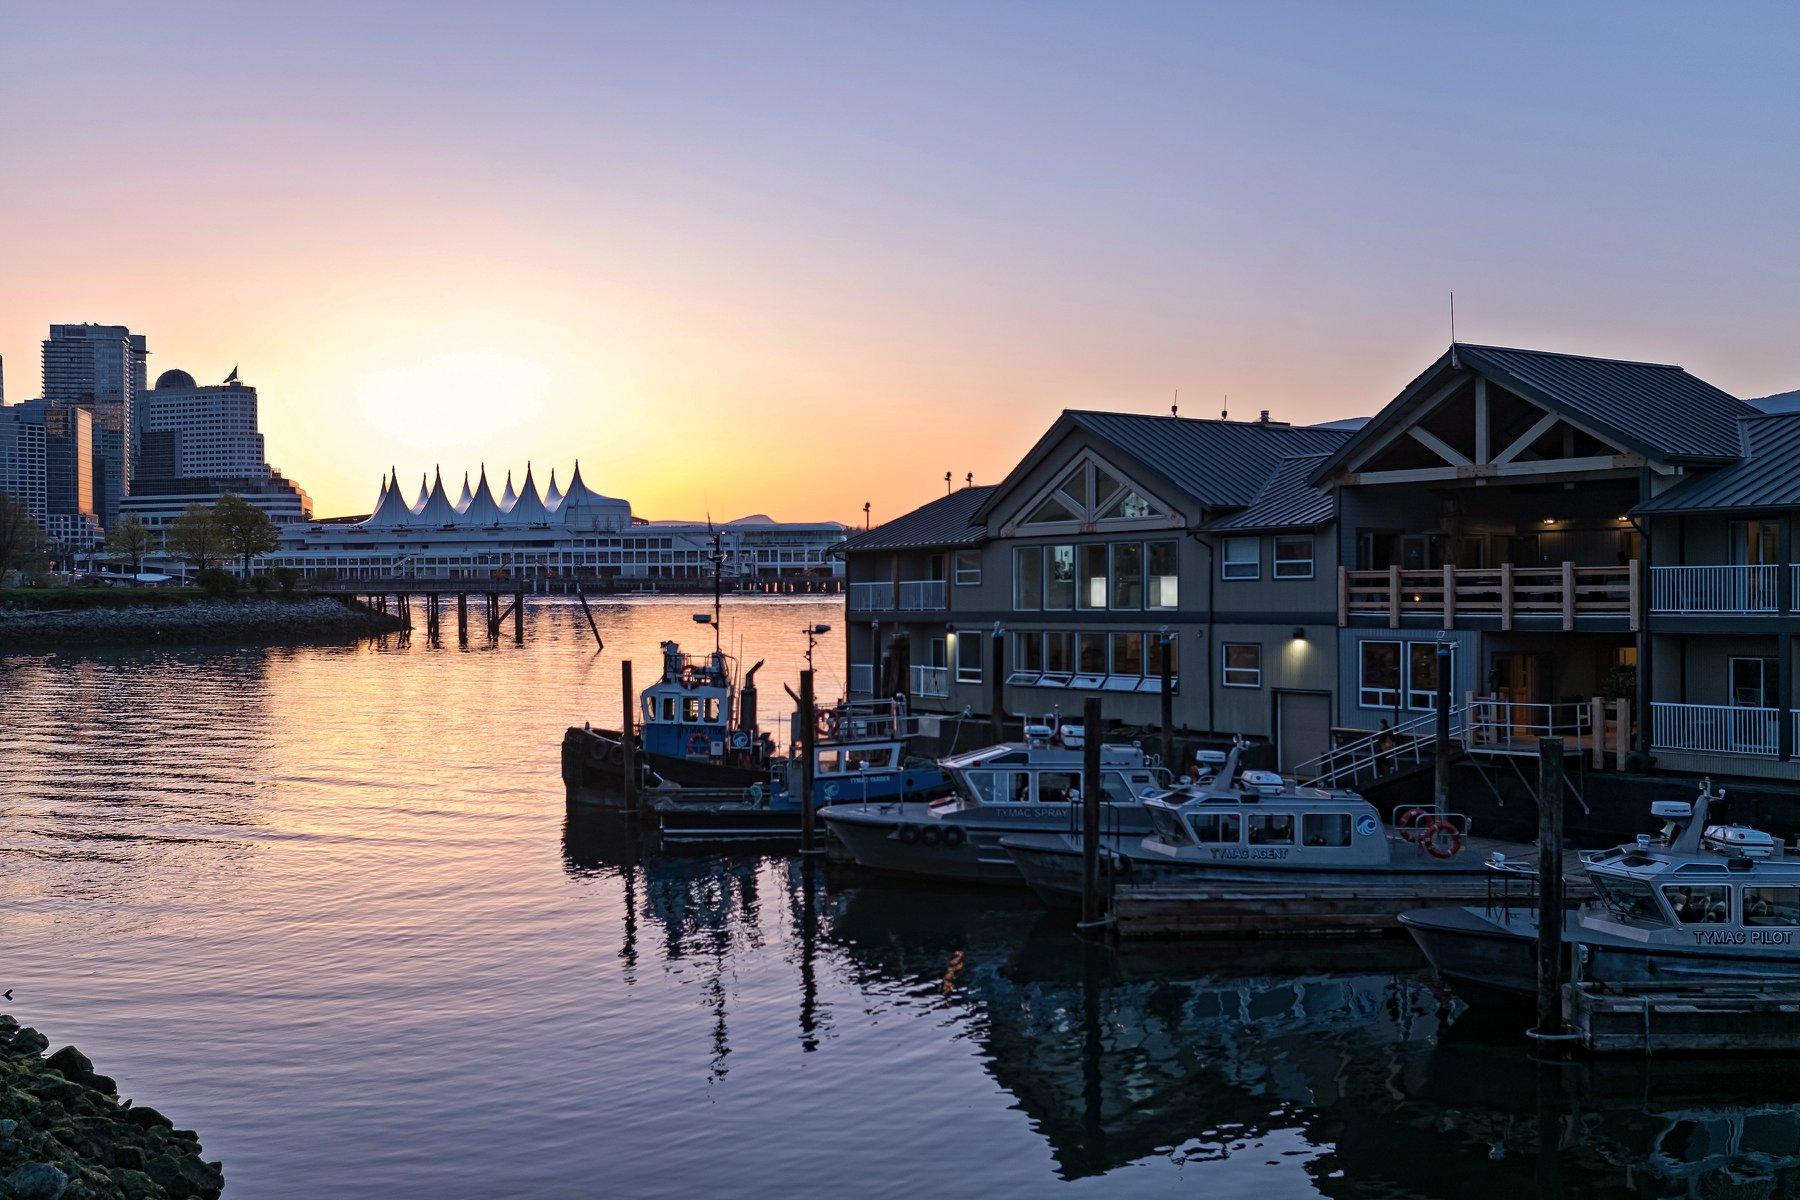 Ocean House docked in Vancouver Harbour /Lorand Szasz